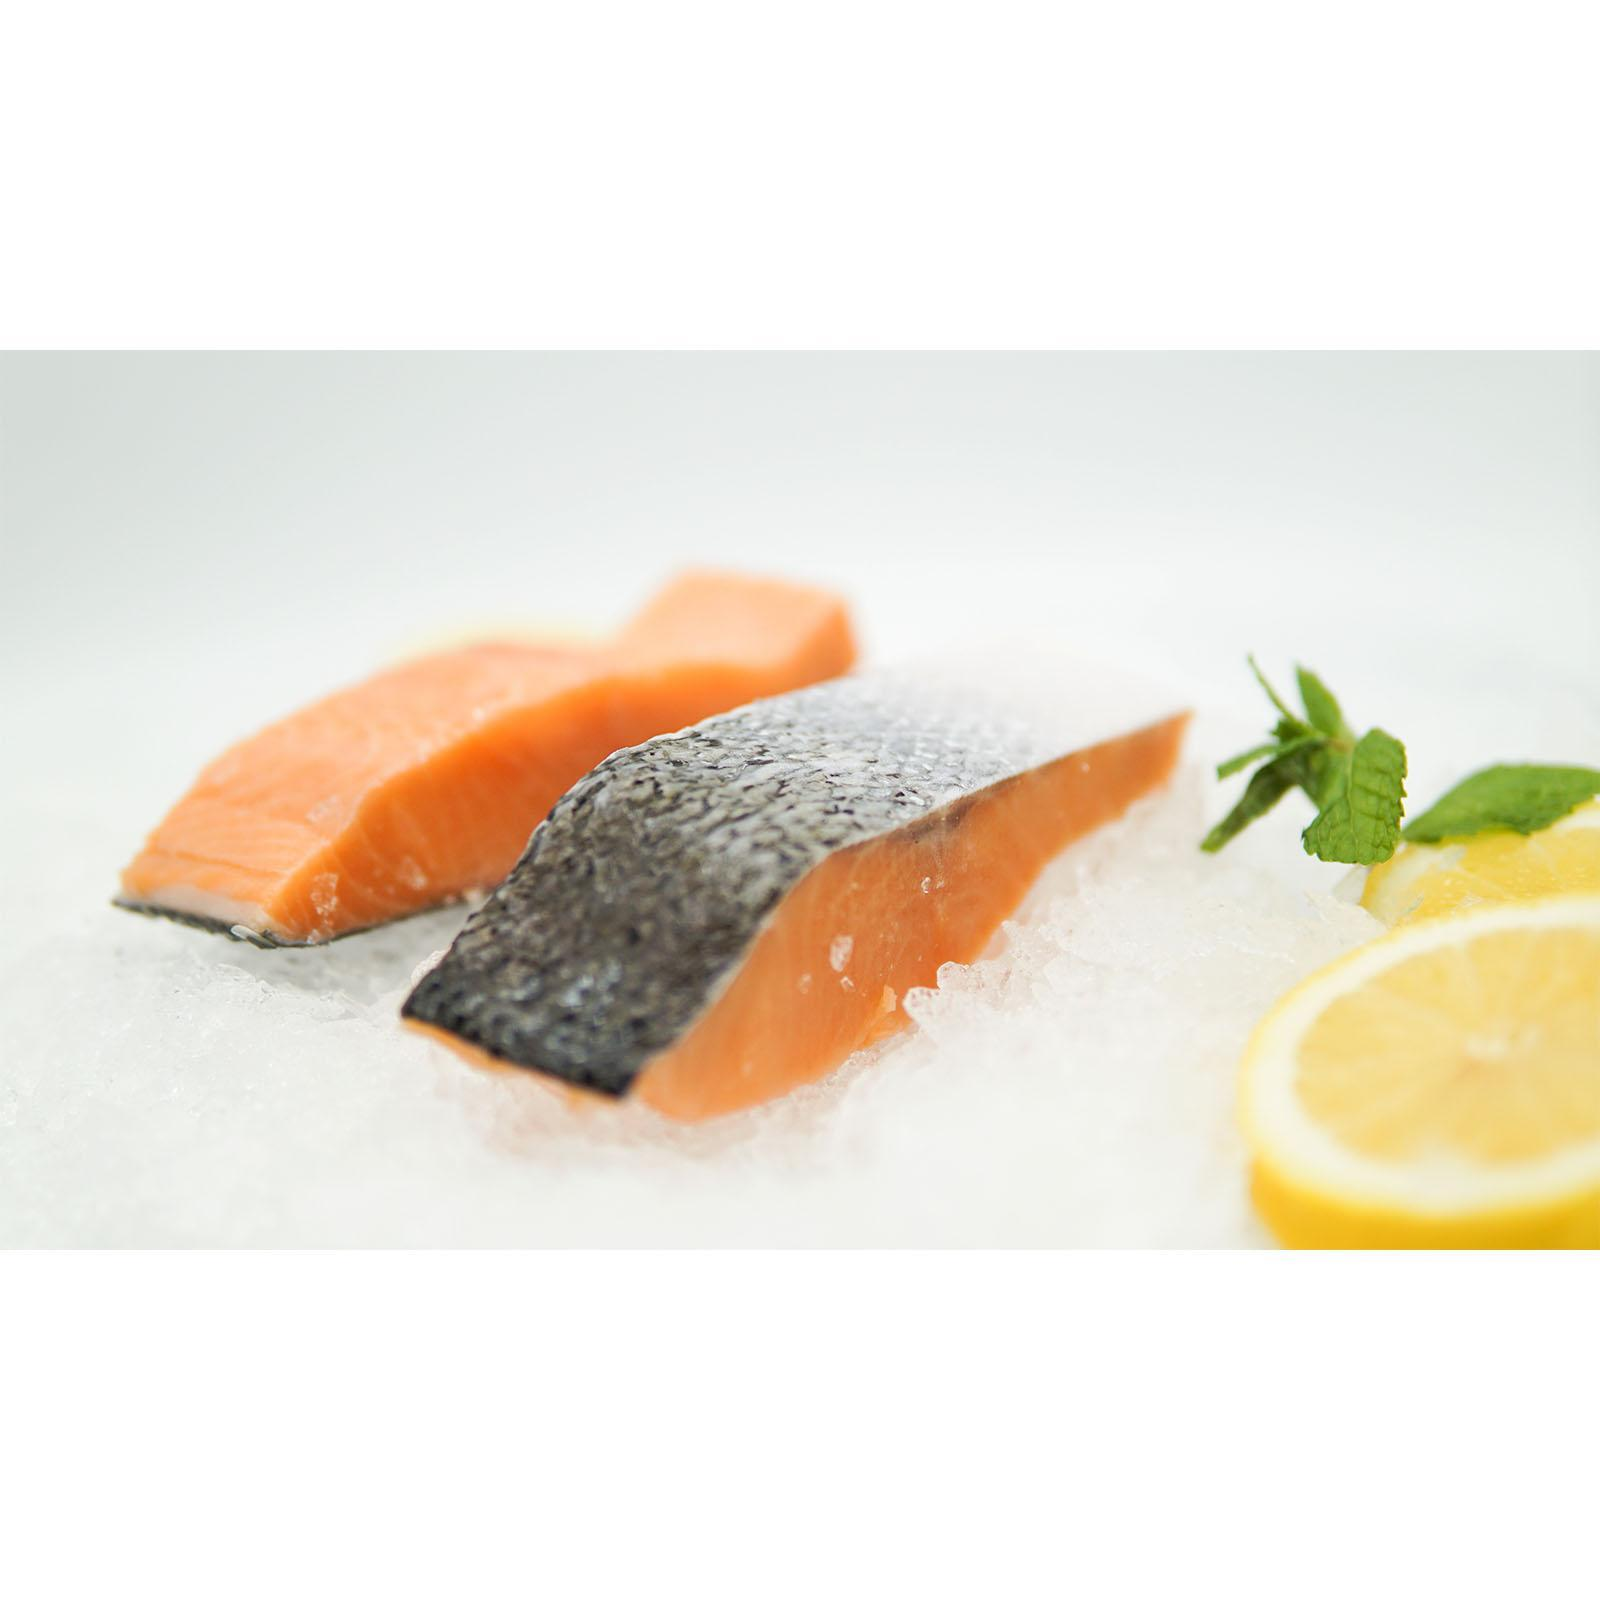 Silversea Salmon Portion - Frozen By Redmart.